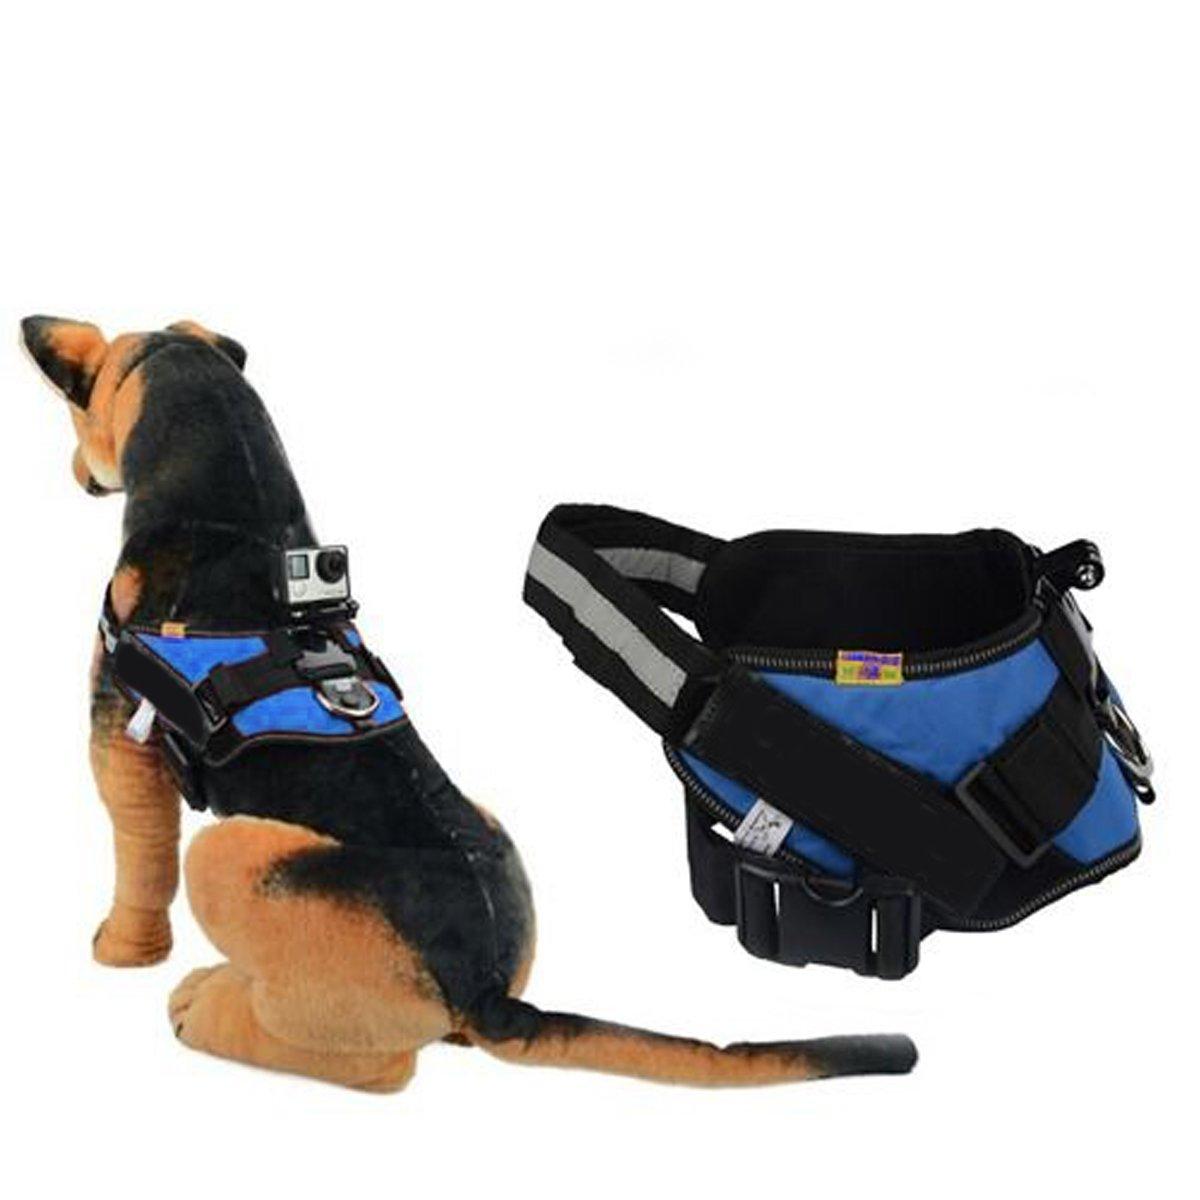 Qumox Fetch perro cámara arnés ajustable de montaje de la correa para GoPro HD Hero SJ4000 SJcam encaja 35-120 LBS perro azul  Electrónica Revisión del cliente y la descripción más